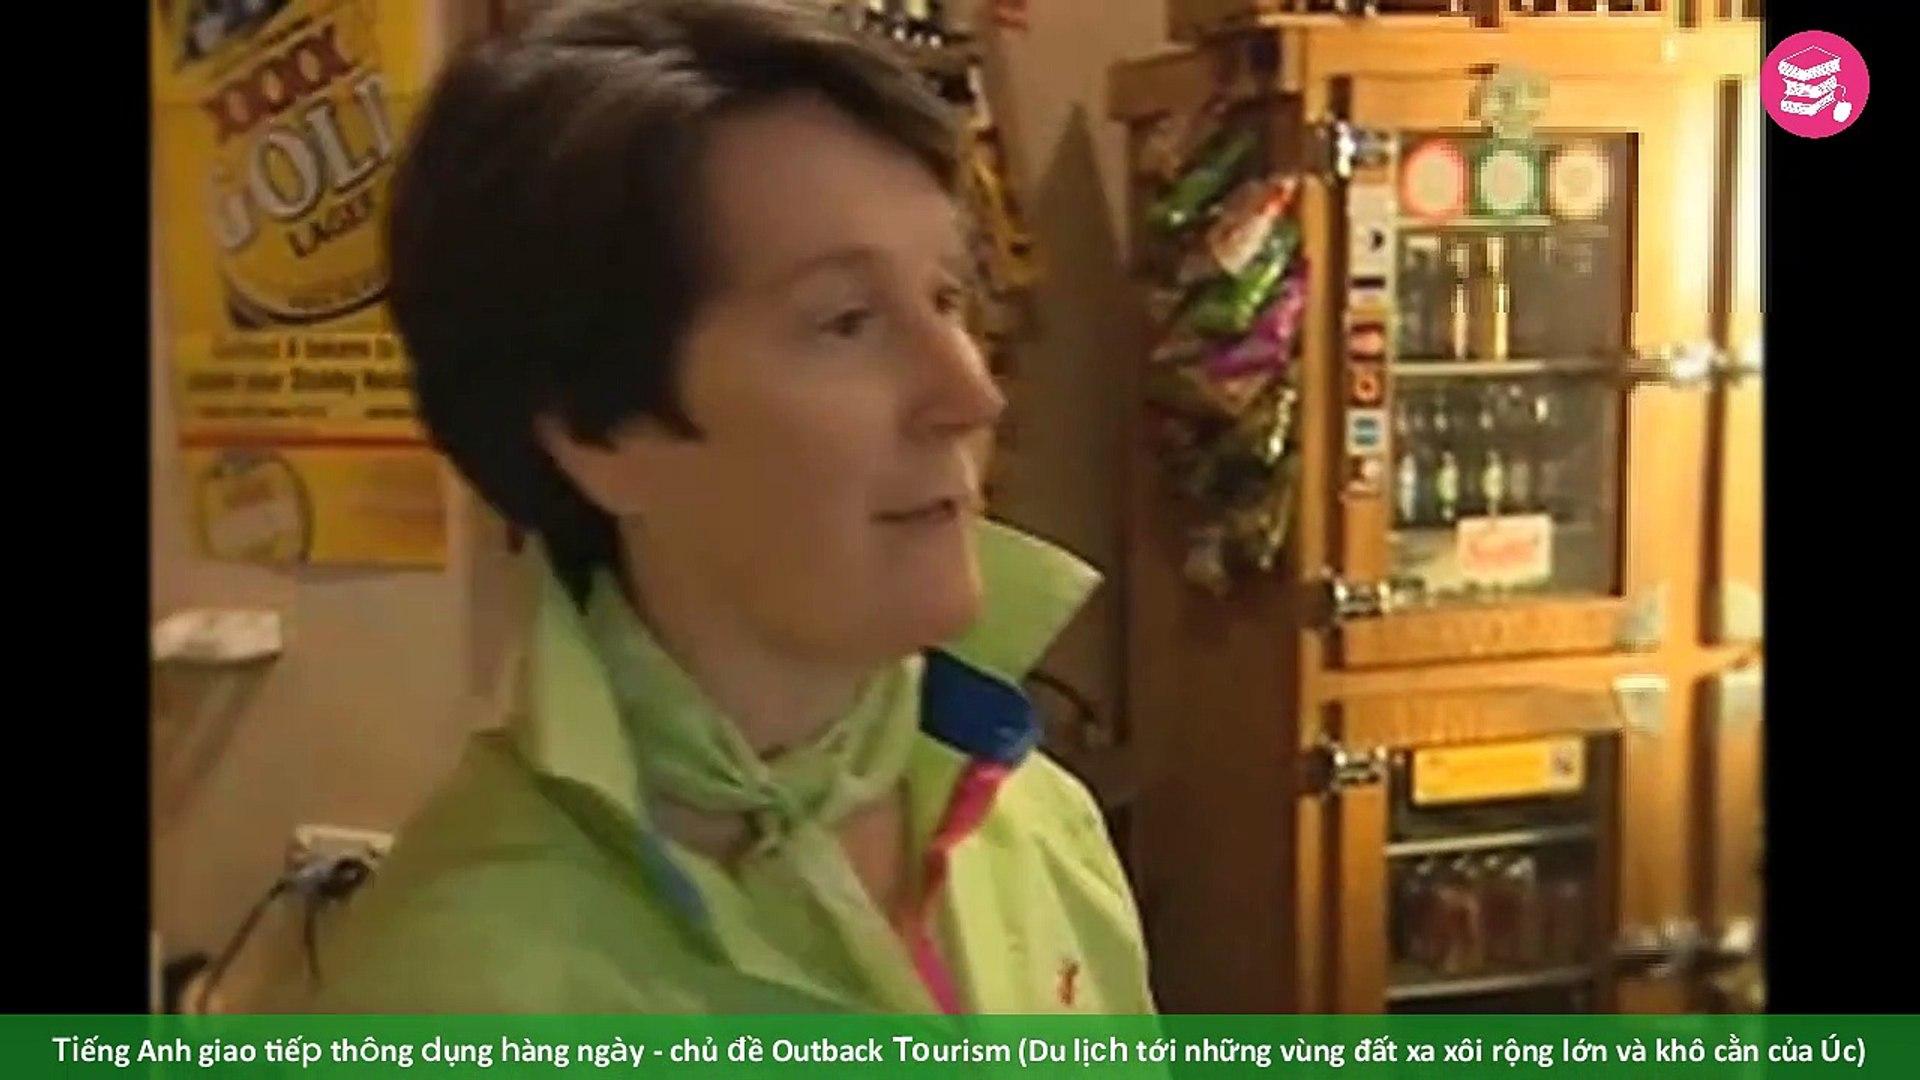 Tiếng Anh giao tiếp thông dụng hàng ngày - chủ đề Outback Tourism (Du lịch tới những vùng đất xa xôi